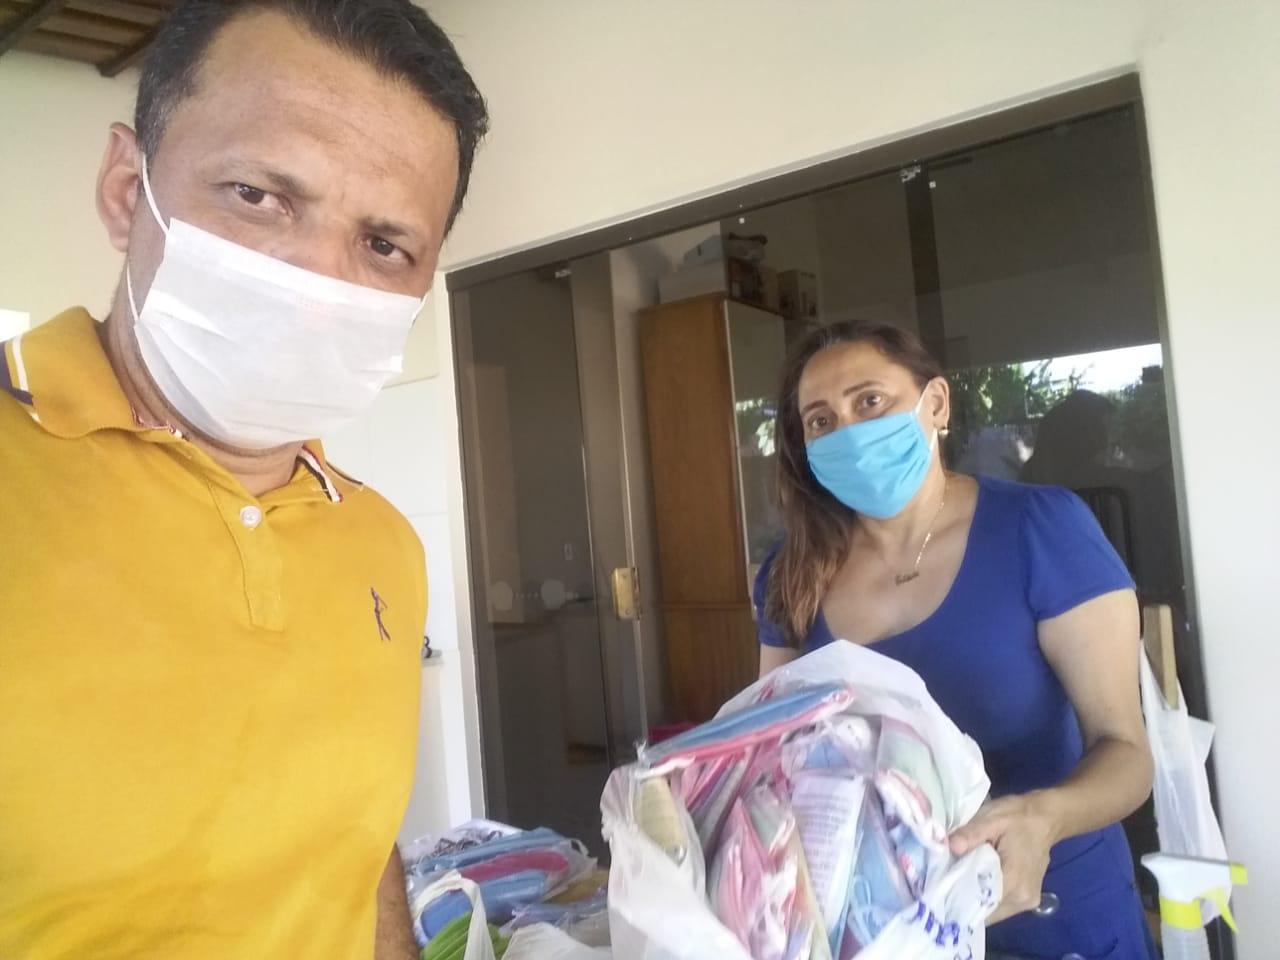 Hemocentro de Gurupi fomenta captação de doadores